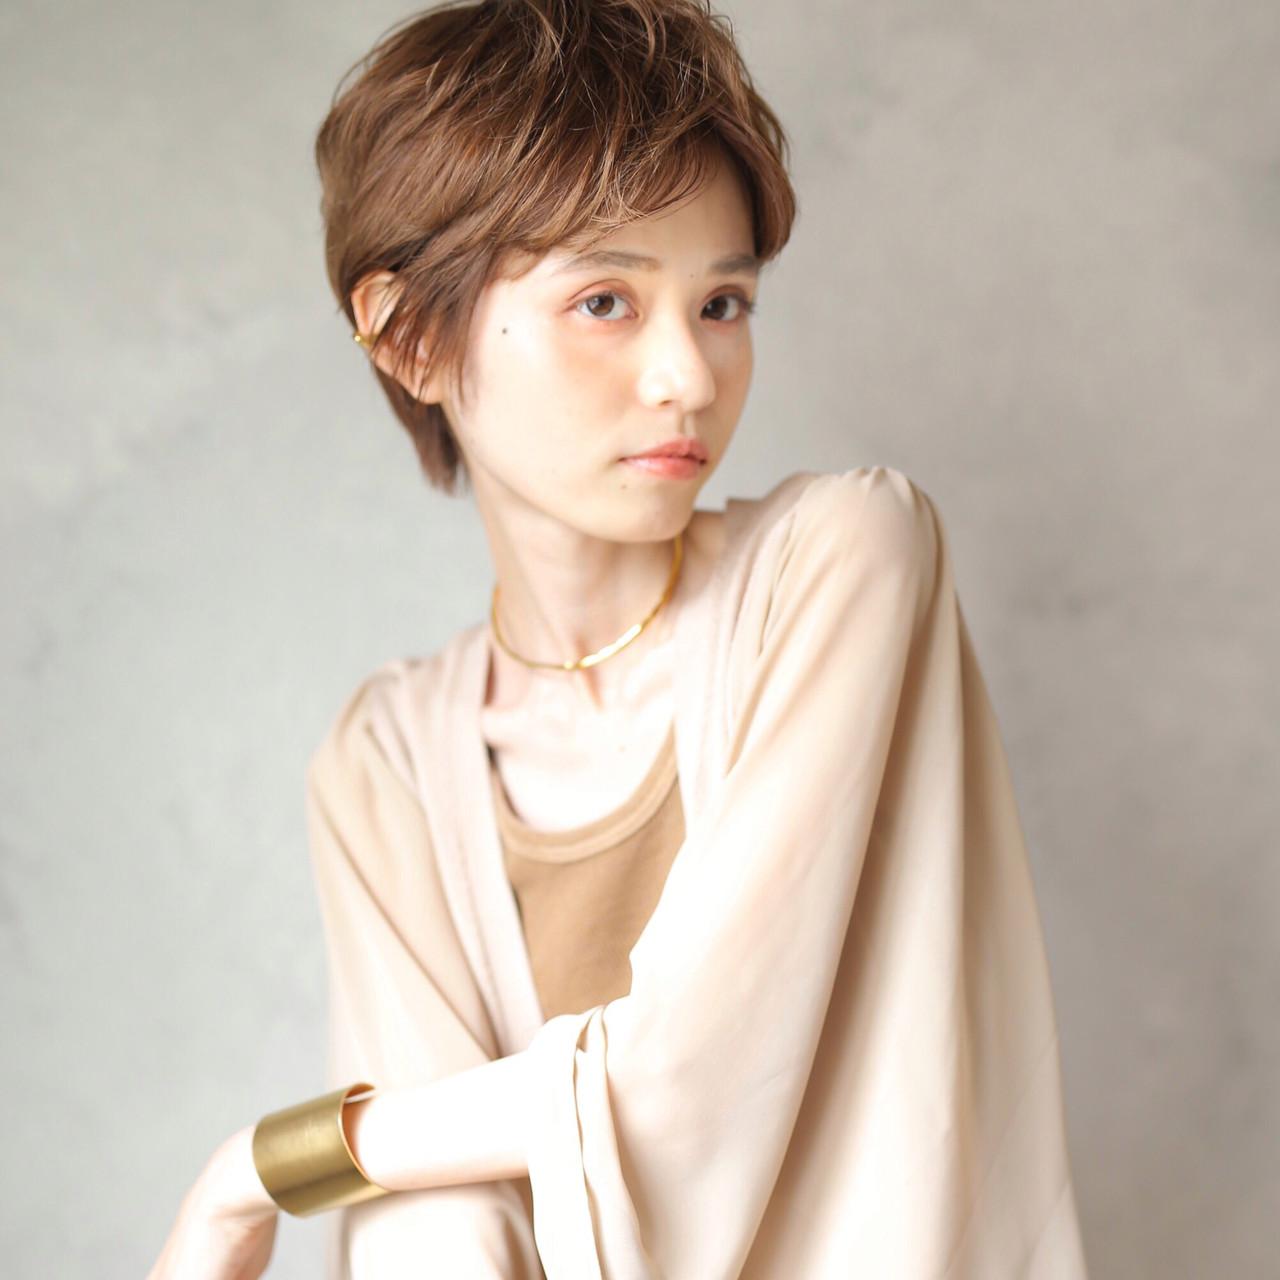 アンニュイほつれヘア ナチュラル ショートヘア 透明感カラー ヘアスタイルや髪型の写真・画像